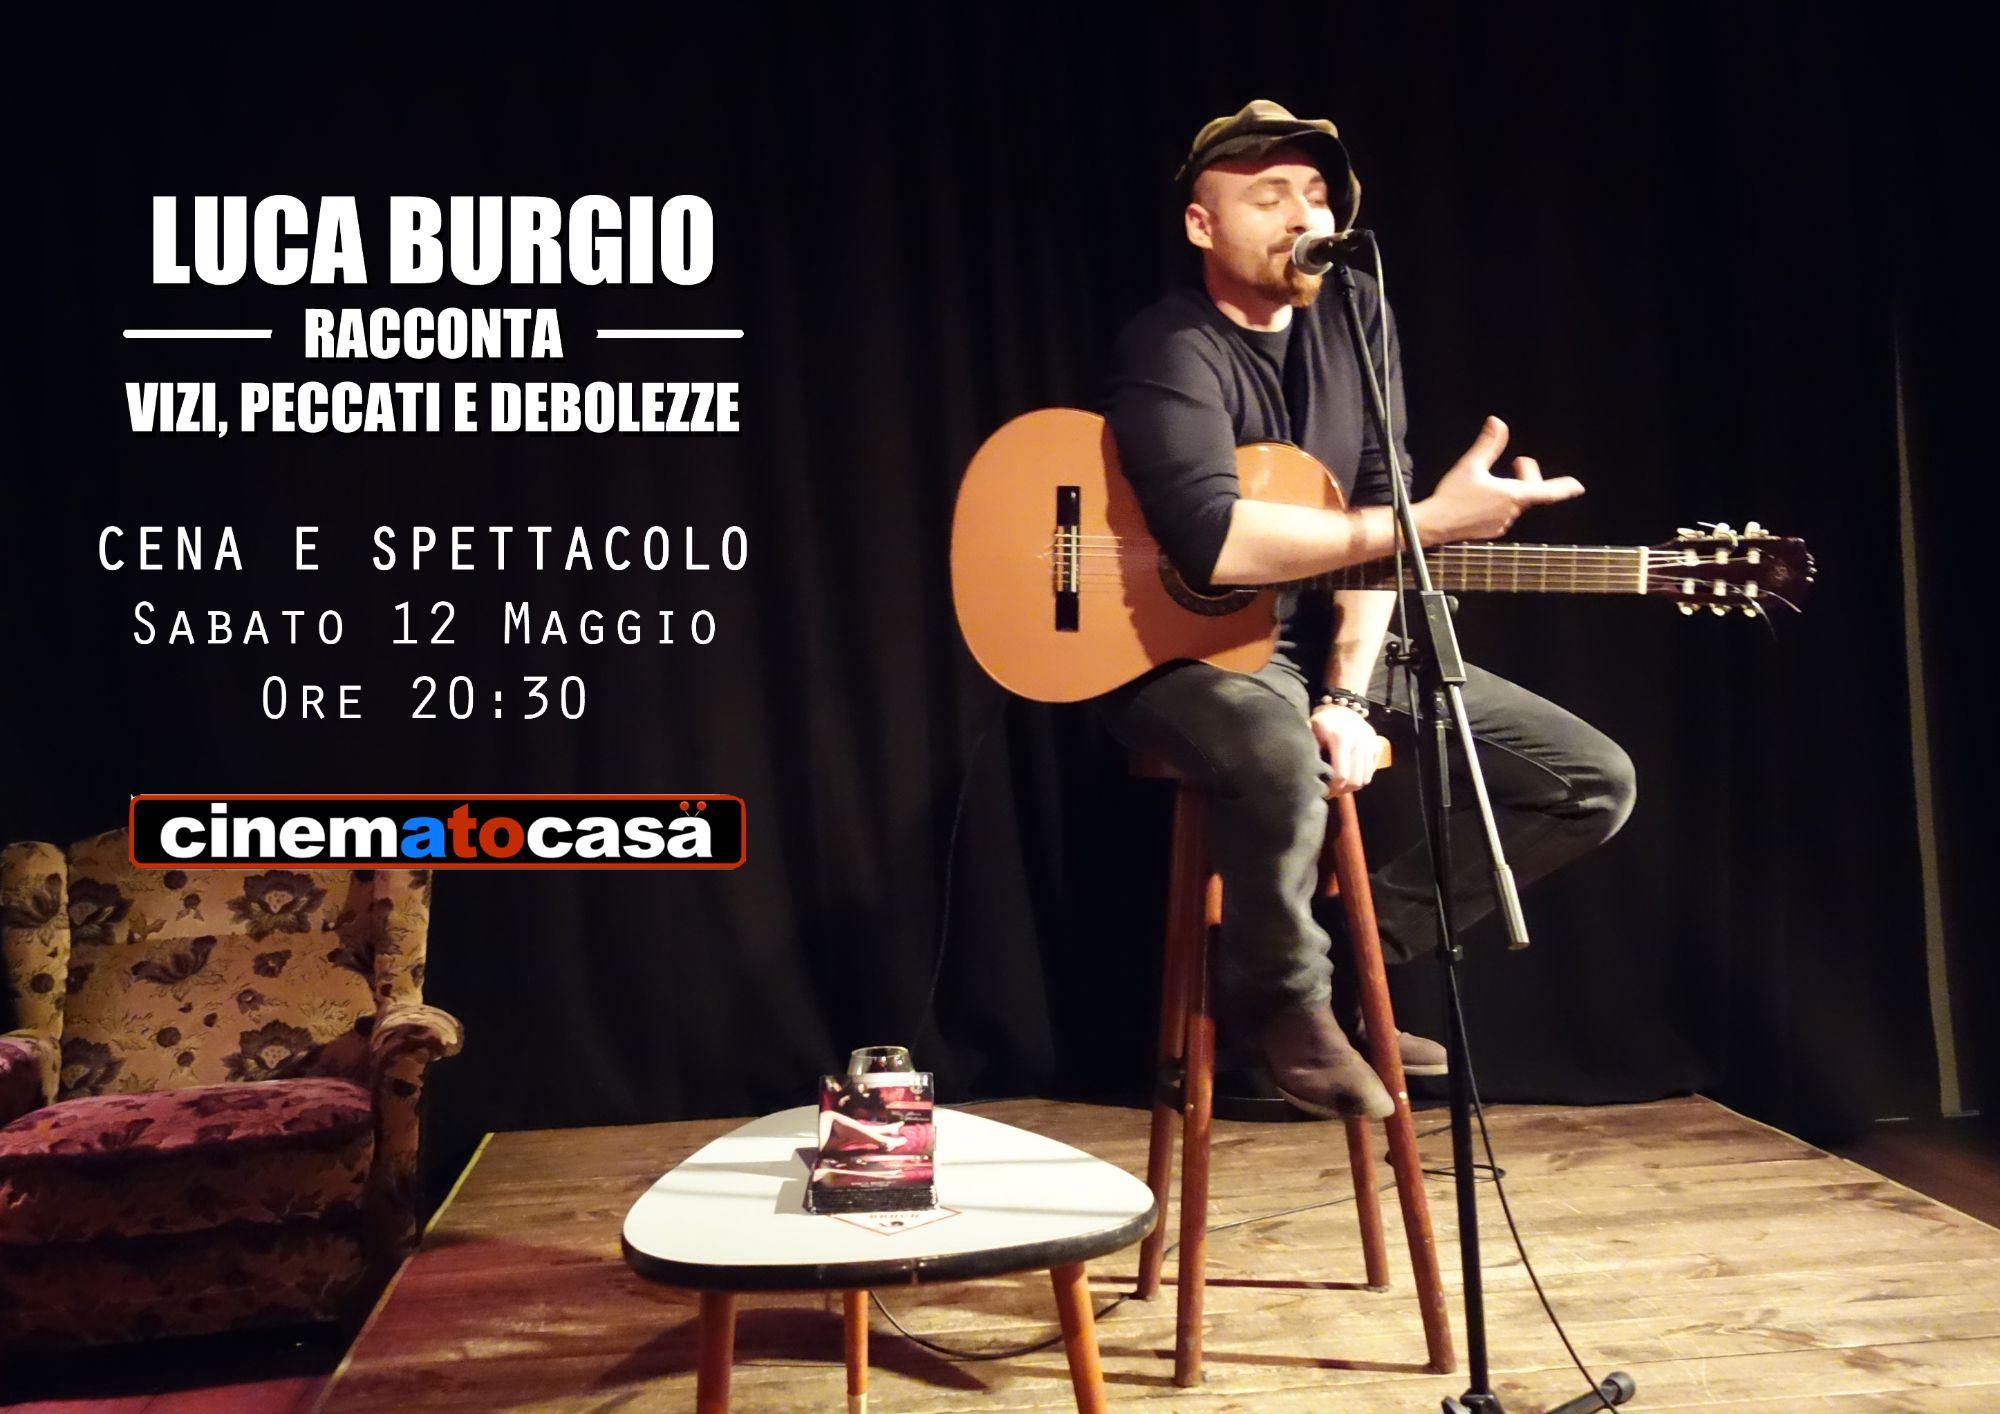 Luca Burgio ritorna a Cinematocasa